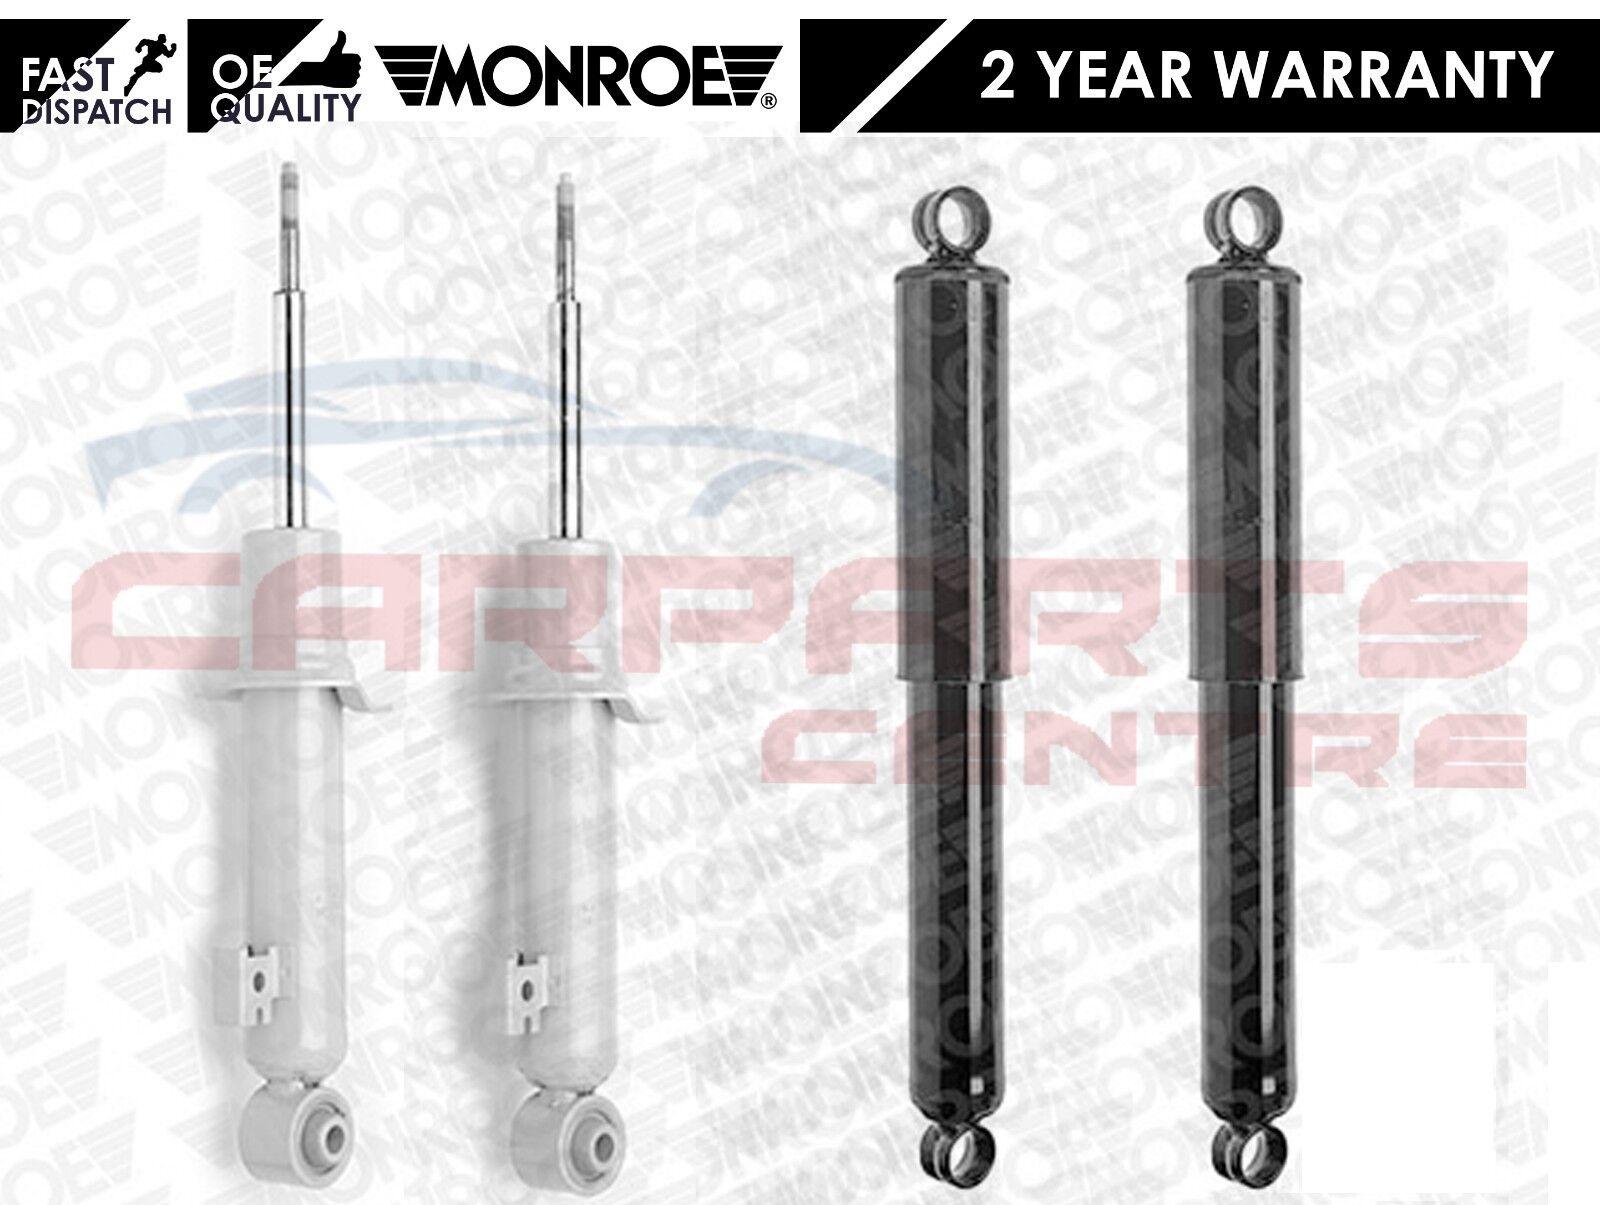 2 Year Warranty Single Shocker Premium OE Quality Front Shock Absorber